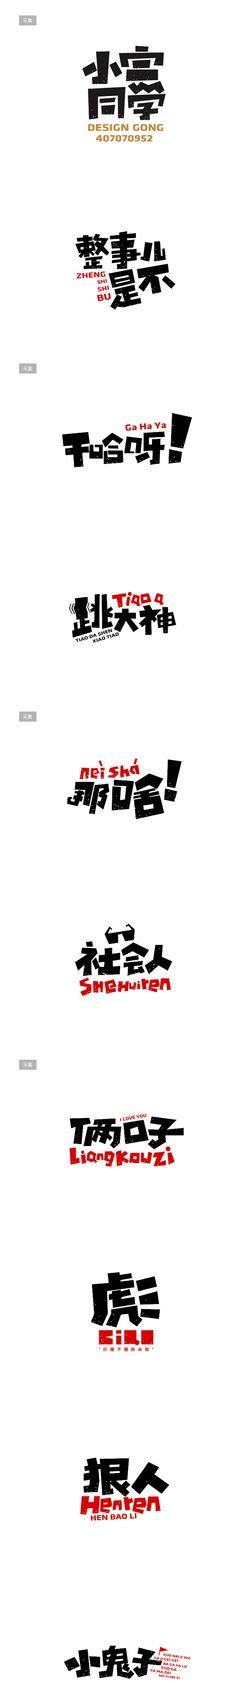 字体设计 小宫同学|字体/字形|平面|G...